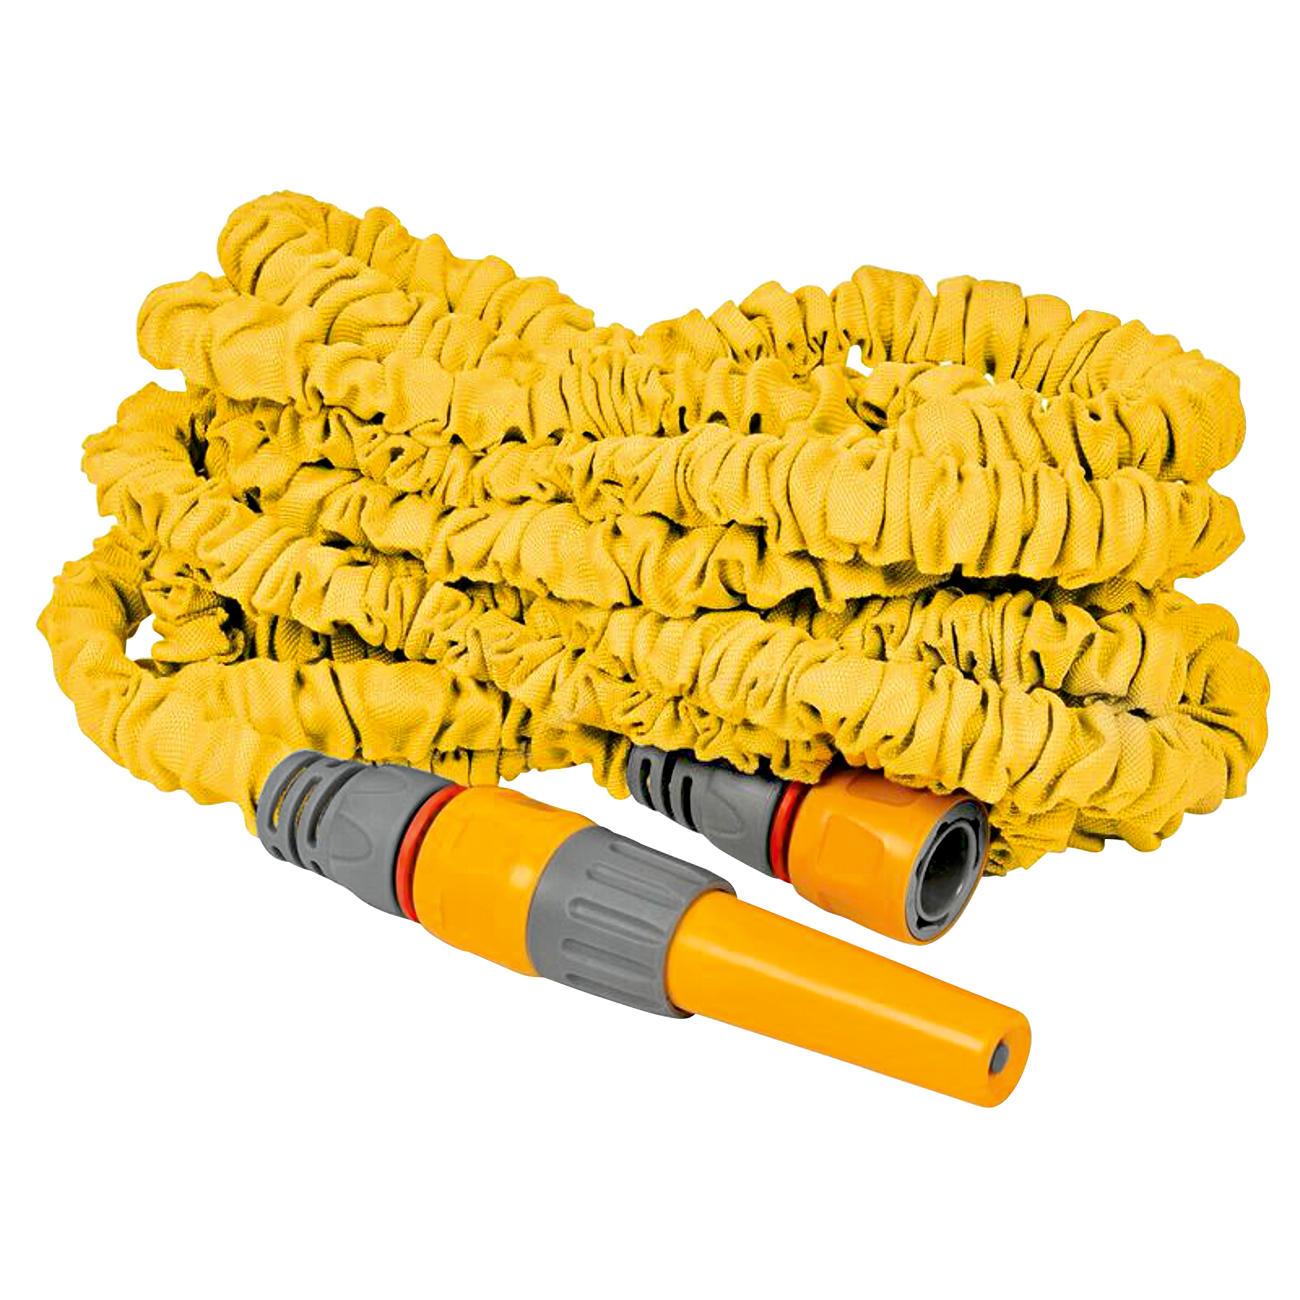 New Flexi-Schlauch Premium, dehnbarer Gartenschlauch Gartenwasserschlauch, gelb :: Gelb -  -  - Erwachsene